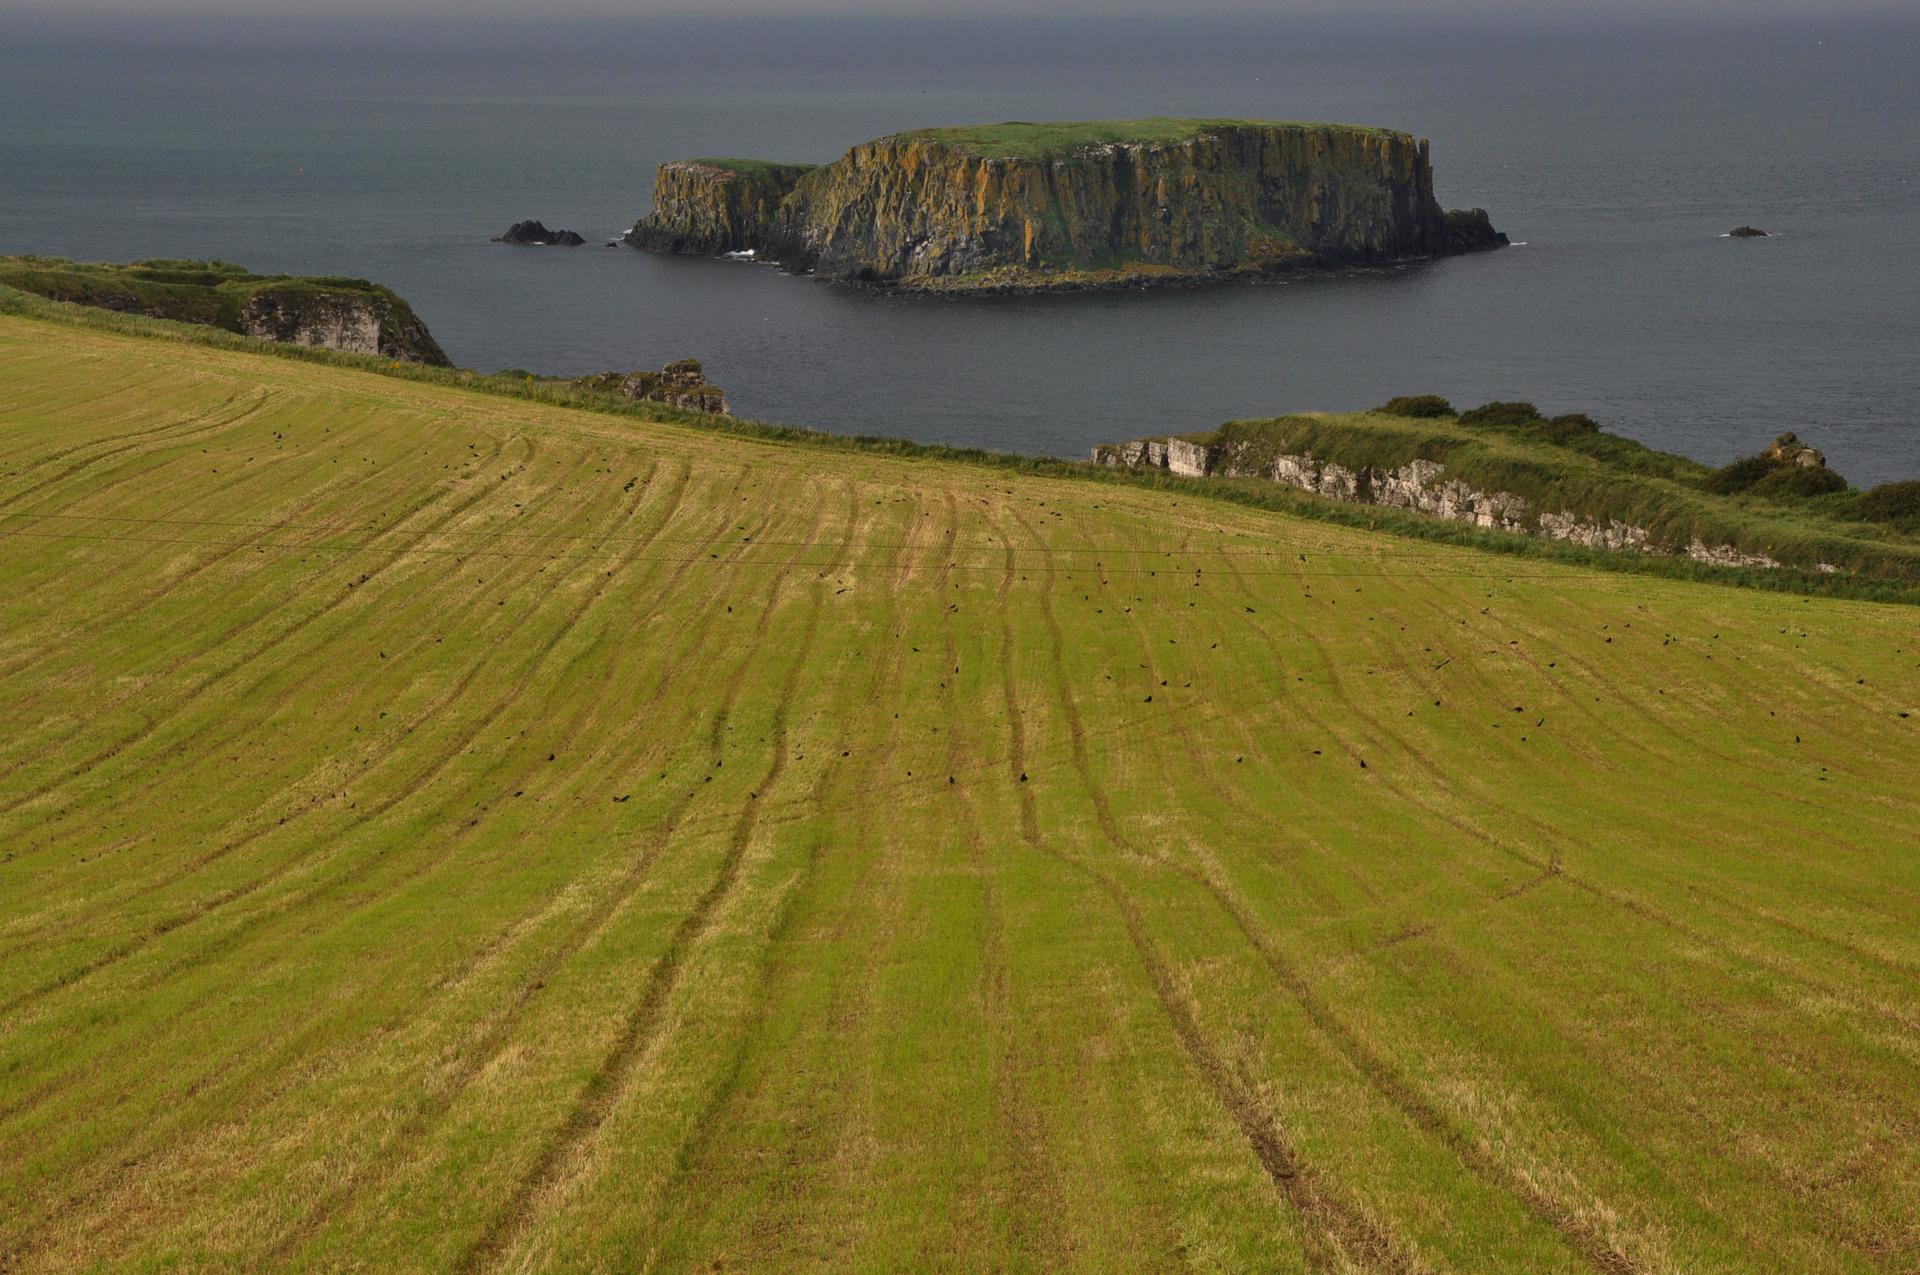 אי ירוק בים - אירלנד - יואל שתרוג - אדמה יוצרת - yoel sitruk